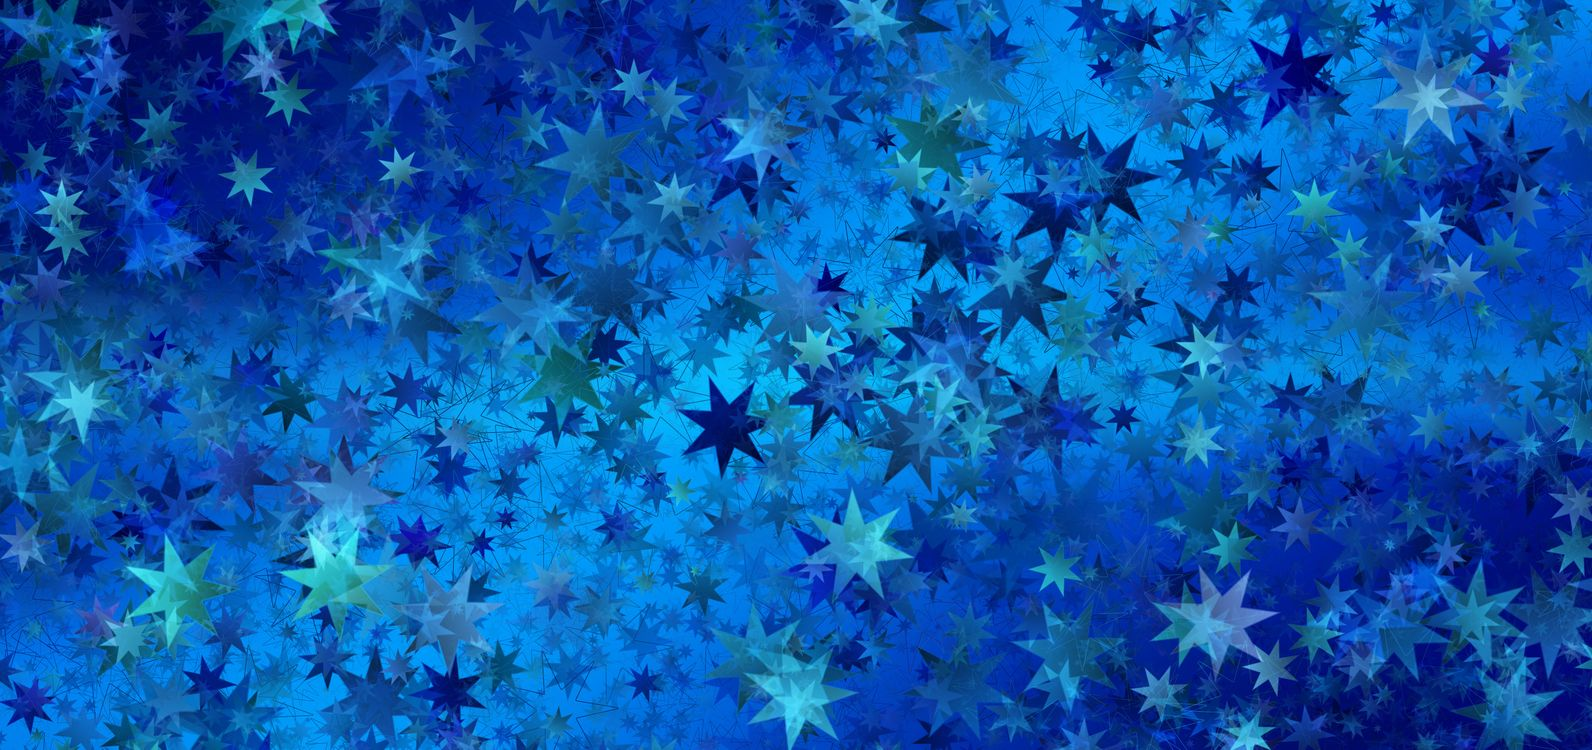 Текстура из звездочек · бесплатное фото